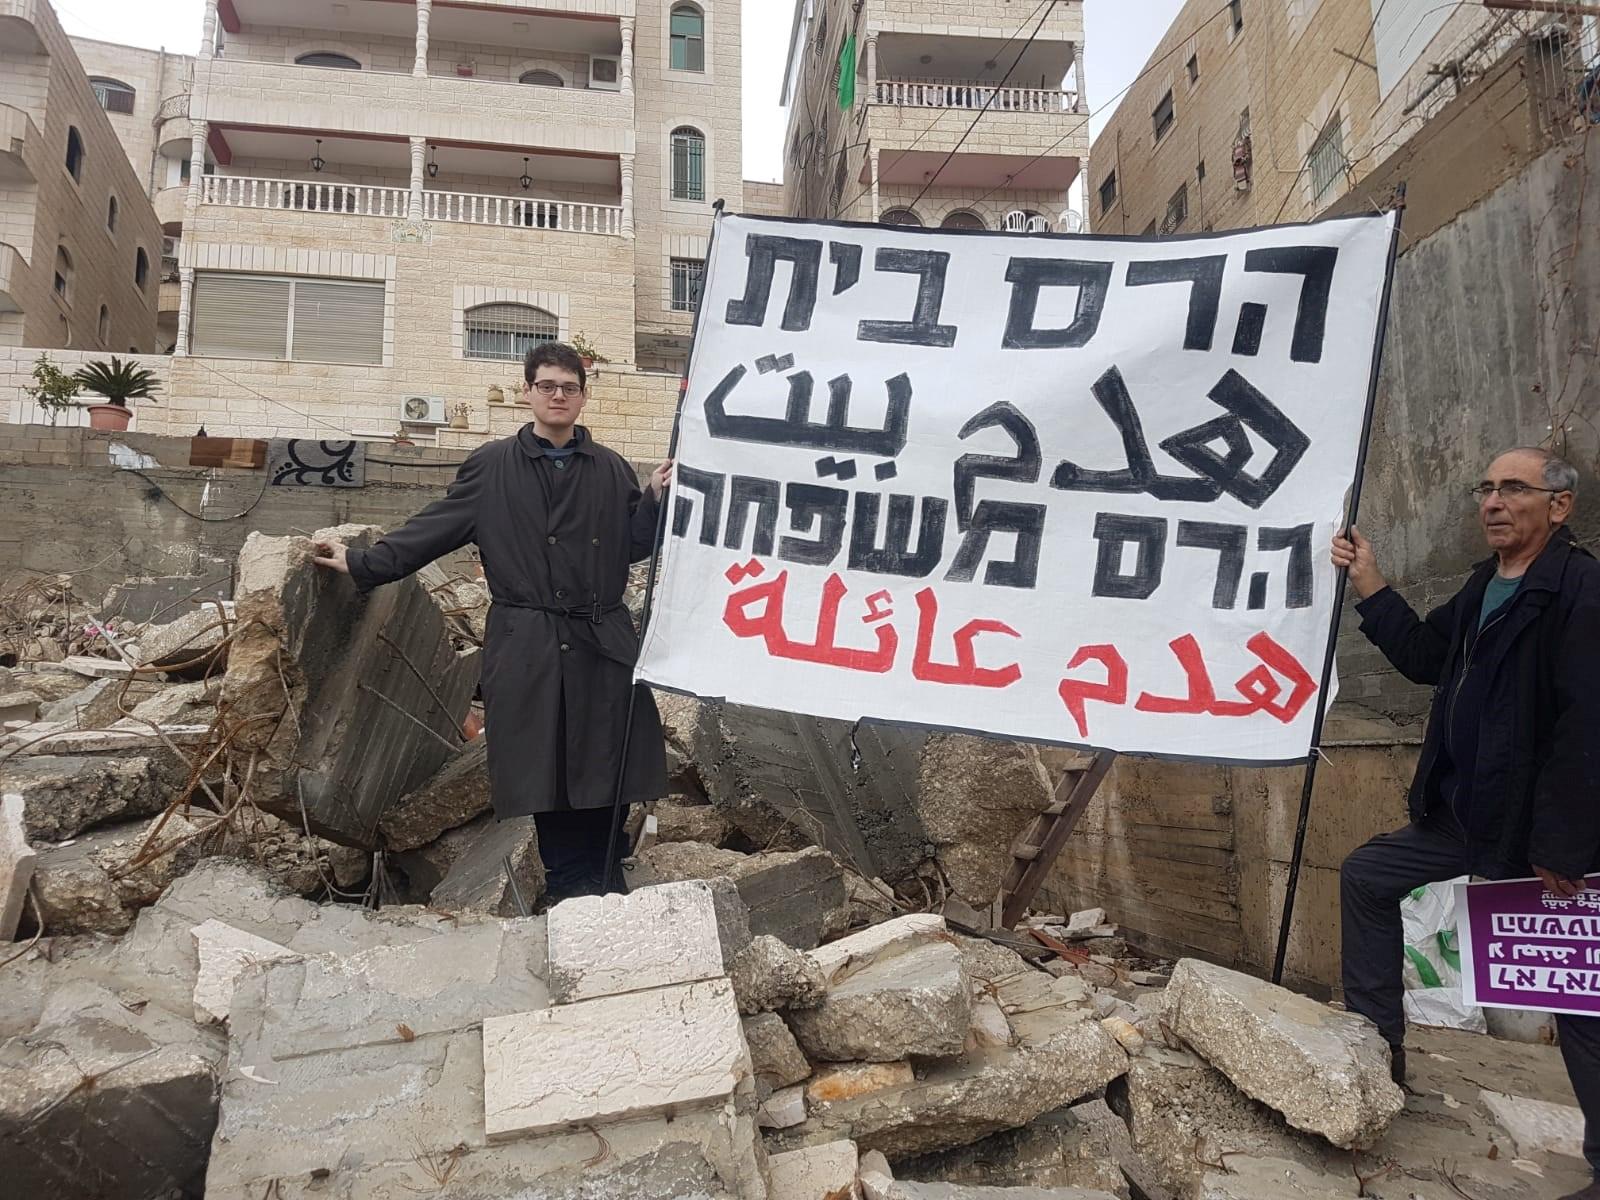 קריאה למתכננים: לא לתת יד לתכנון שדוחק את הפלסטינים ממקומותיהם